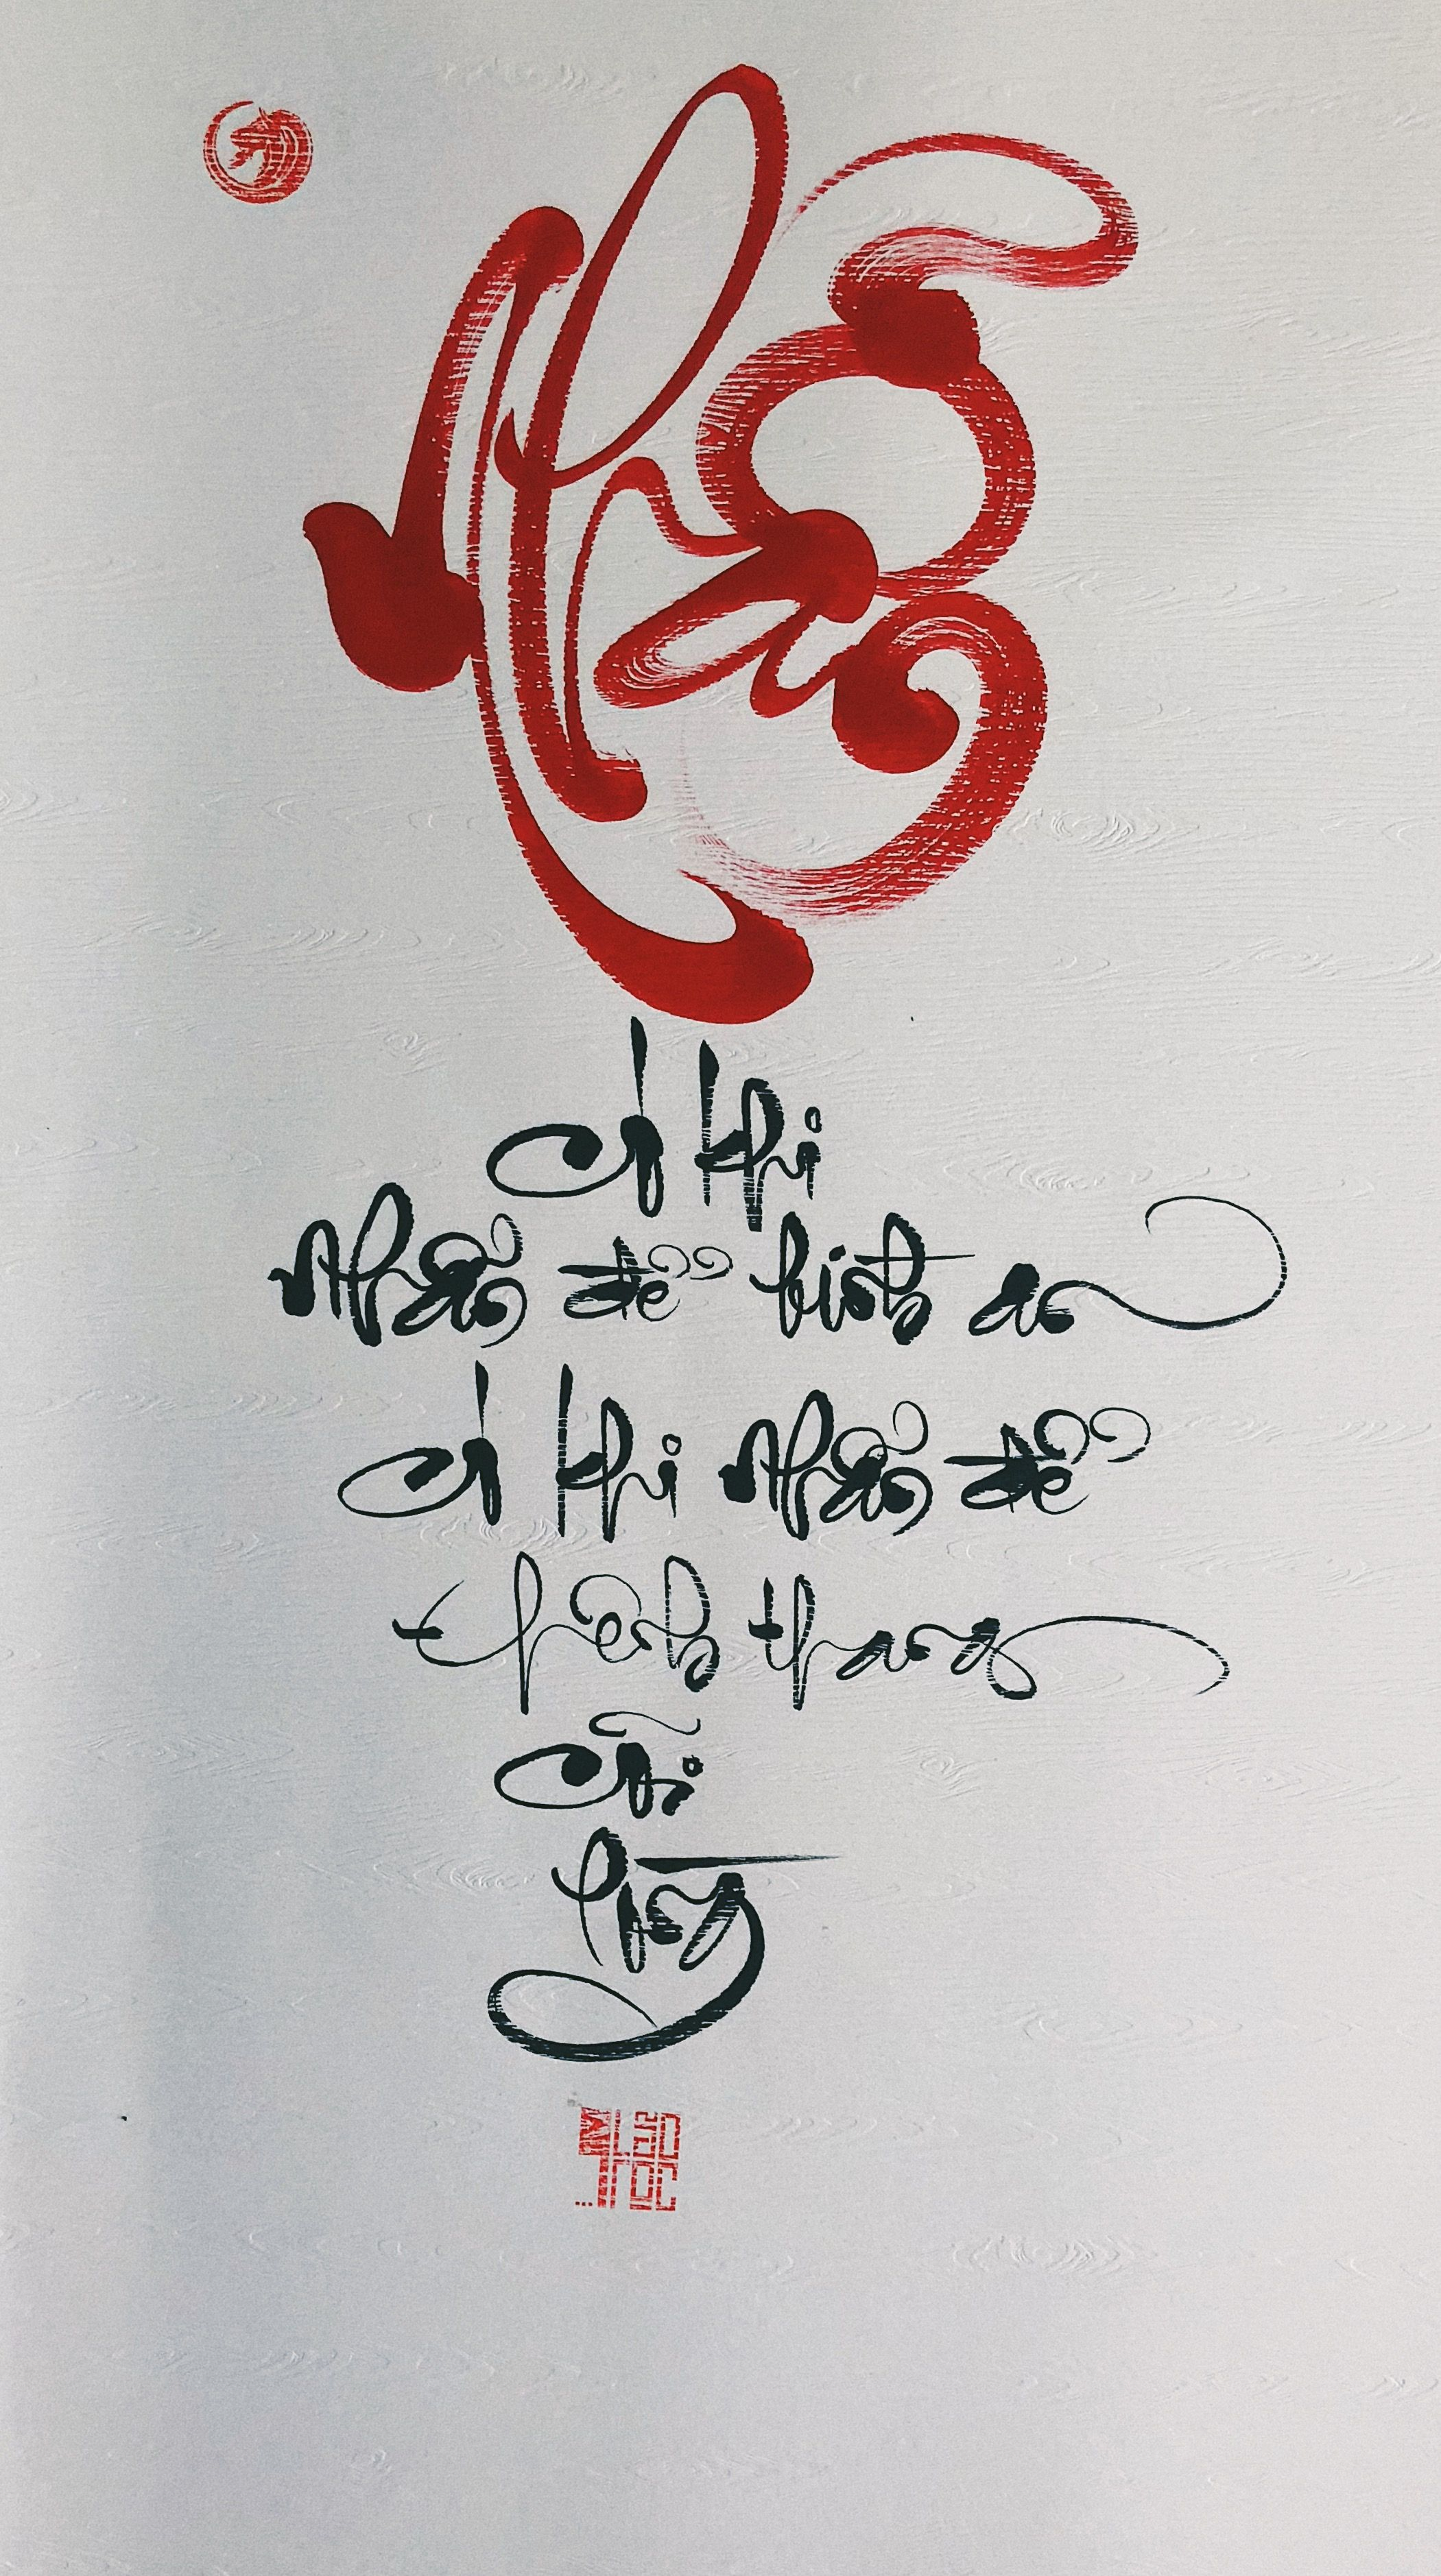 Ảnh chữ nhẫn Thư pháp ý nghĩa nhất